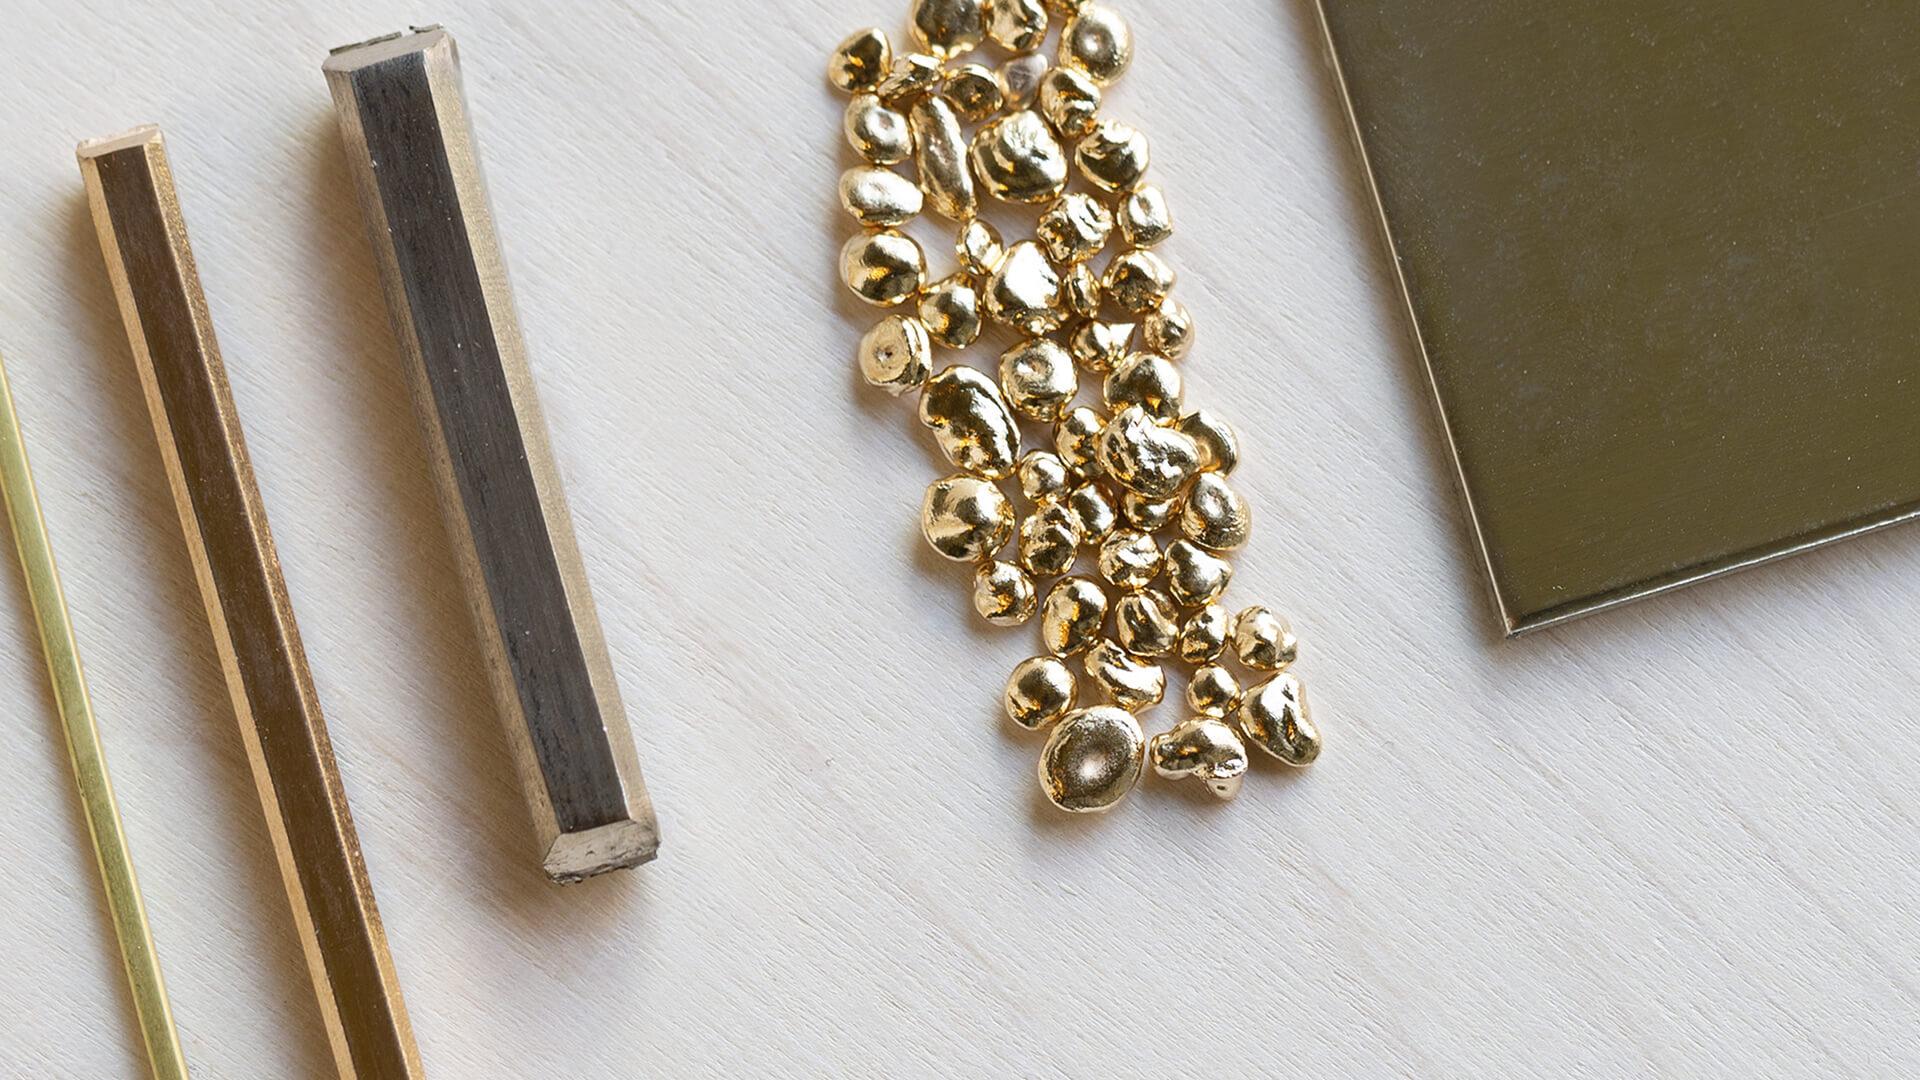 Reilun kaupan kulta on Kätkökorulle merkittävä asia yritysvastuun näkökulmasta.